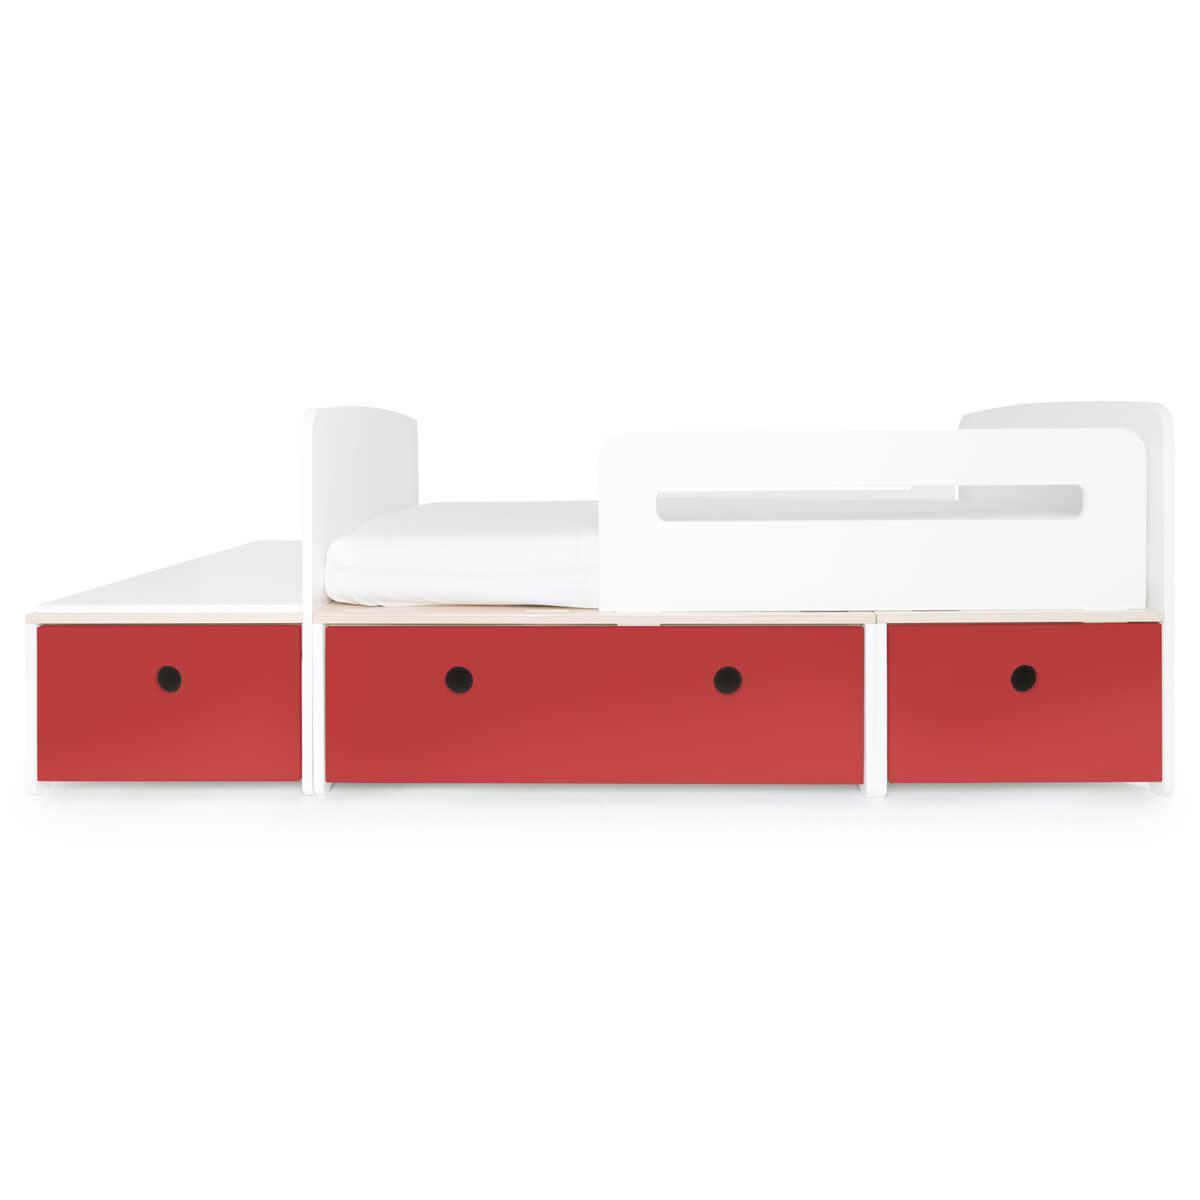 Lit junior évolutif 90x150/200cm COLORFLEX true red